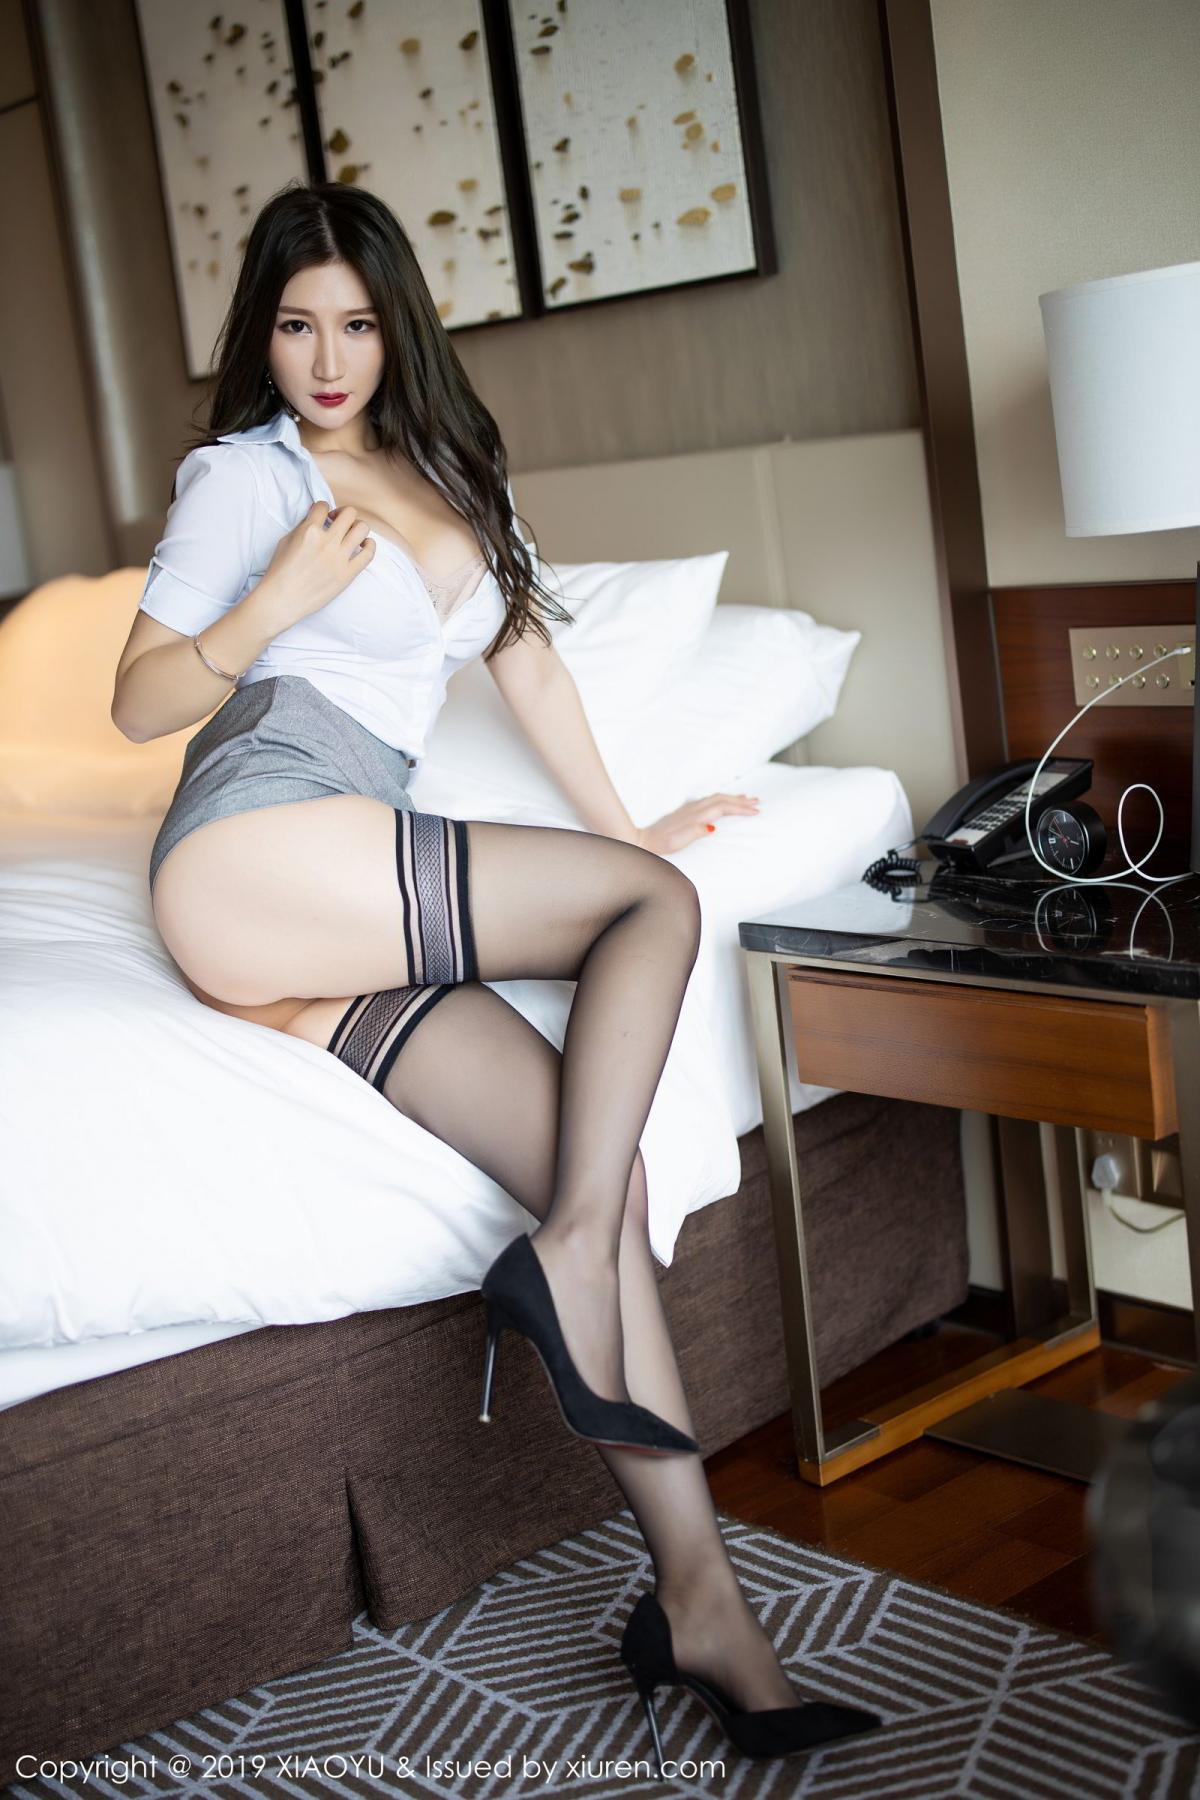 [XiaoYu] Vol.195 Xuan Zi 33P, Tall, Underwear, XiaoYu, Xuan Zi